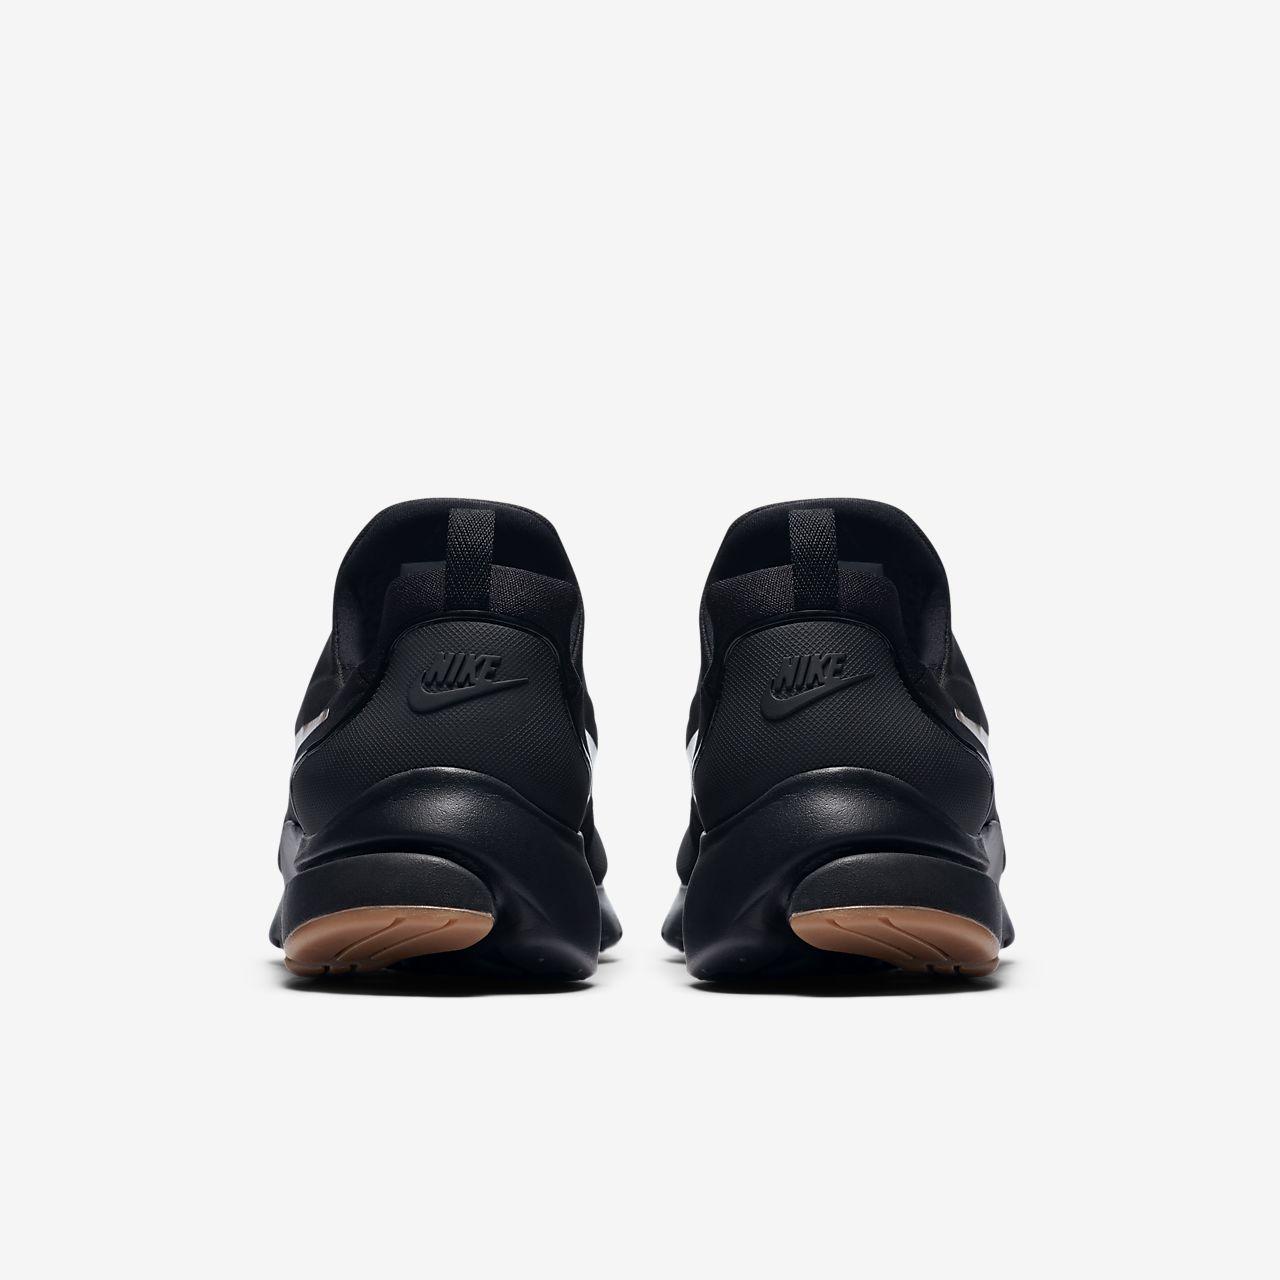 21b6f3ee396a Nike Presto Fly Men s Shoe. Nike.com IN